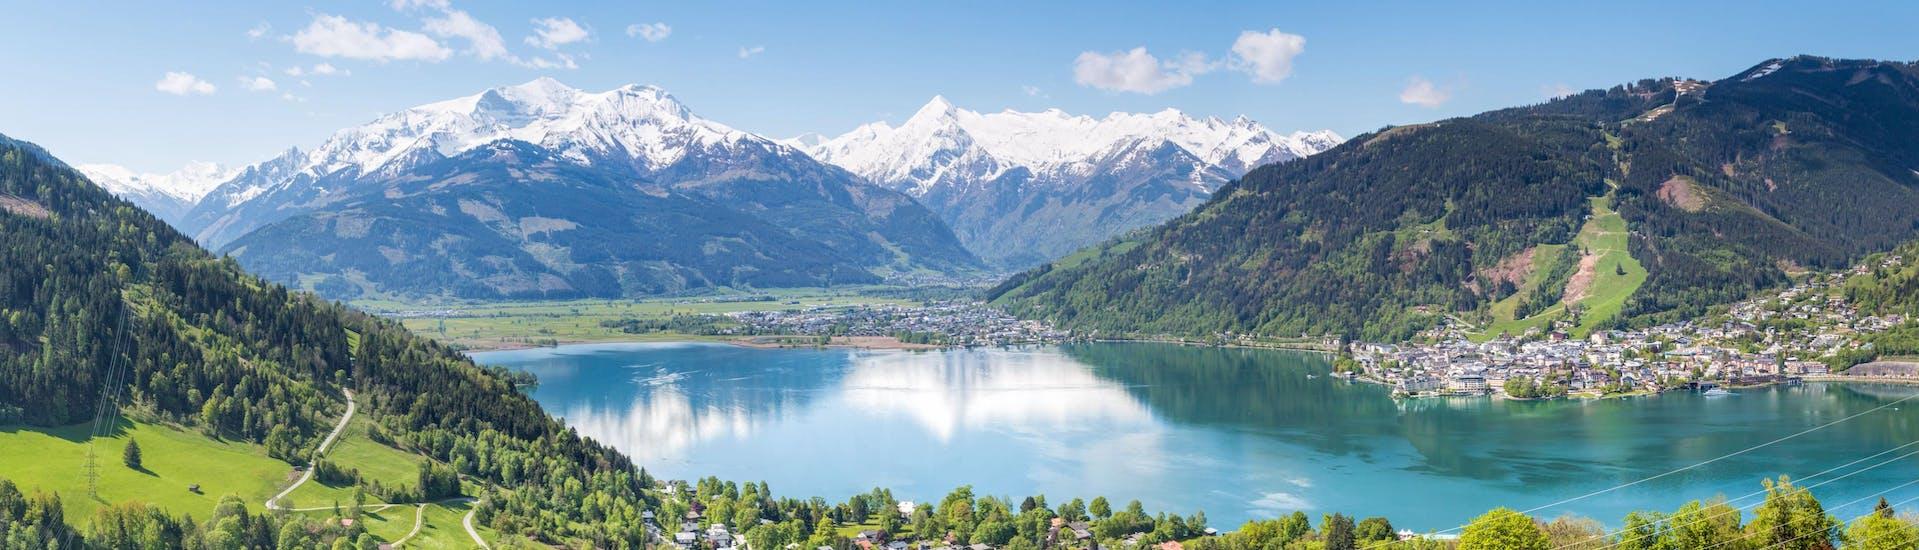 Un parapentiste est émerveillé par le paysage lors d'un vol en parapente biplace dans la célèbre destination de parapente Pinzgau.